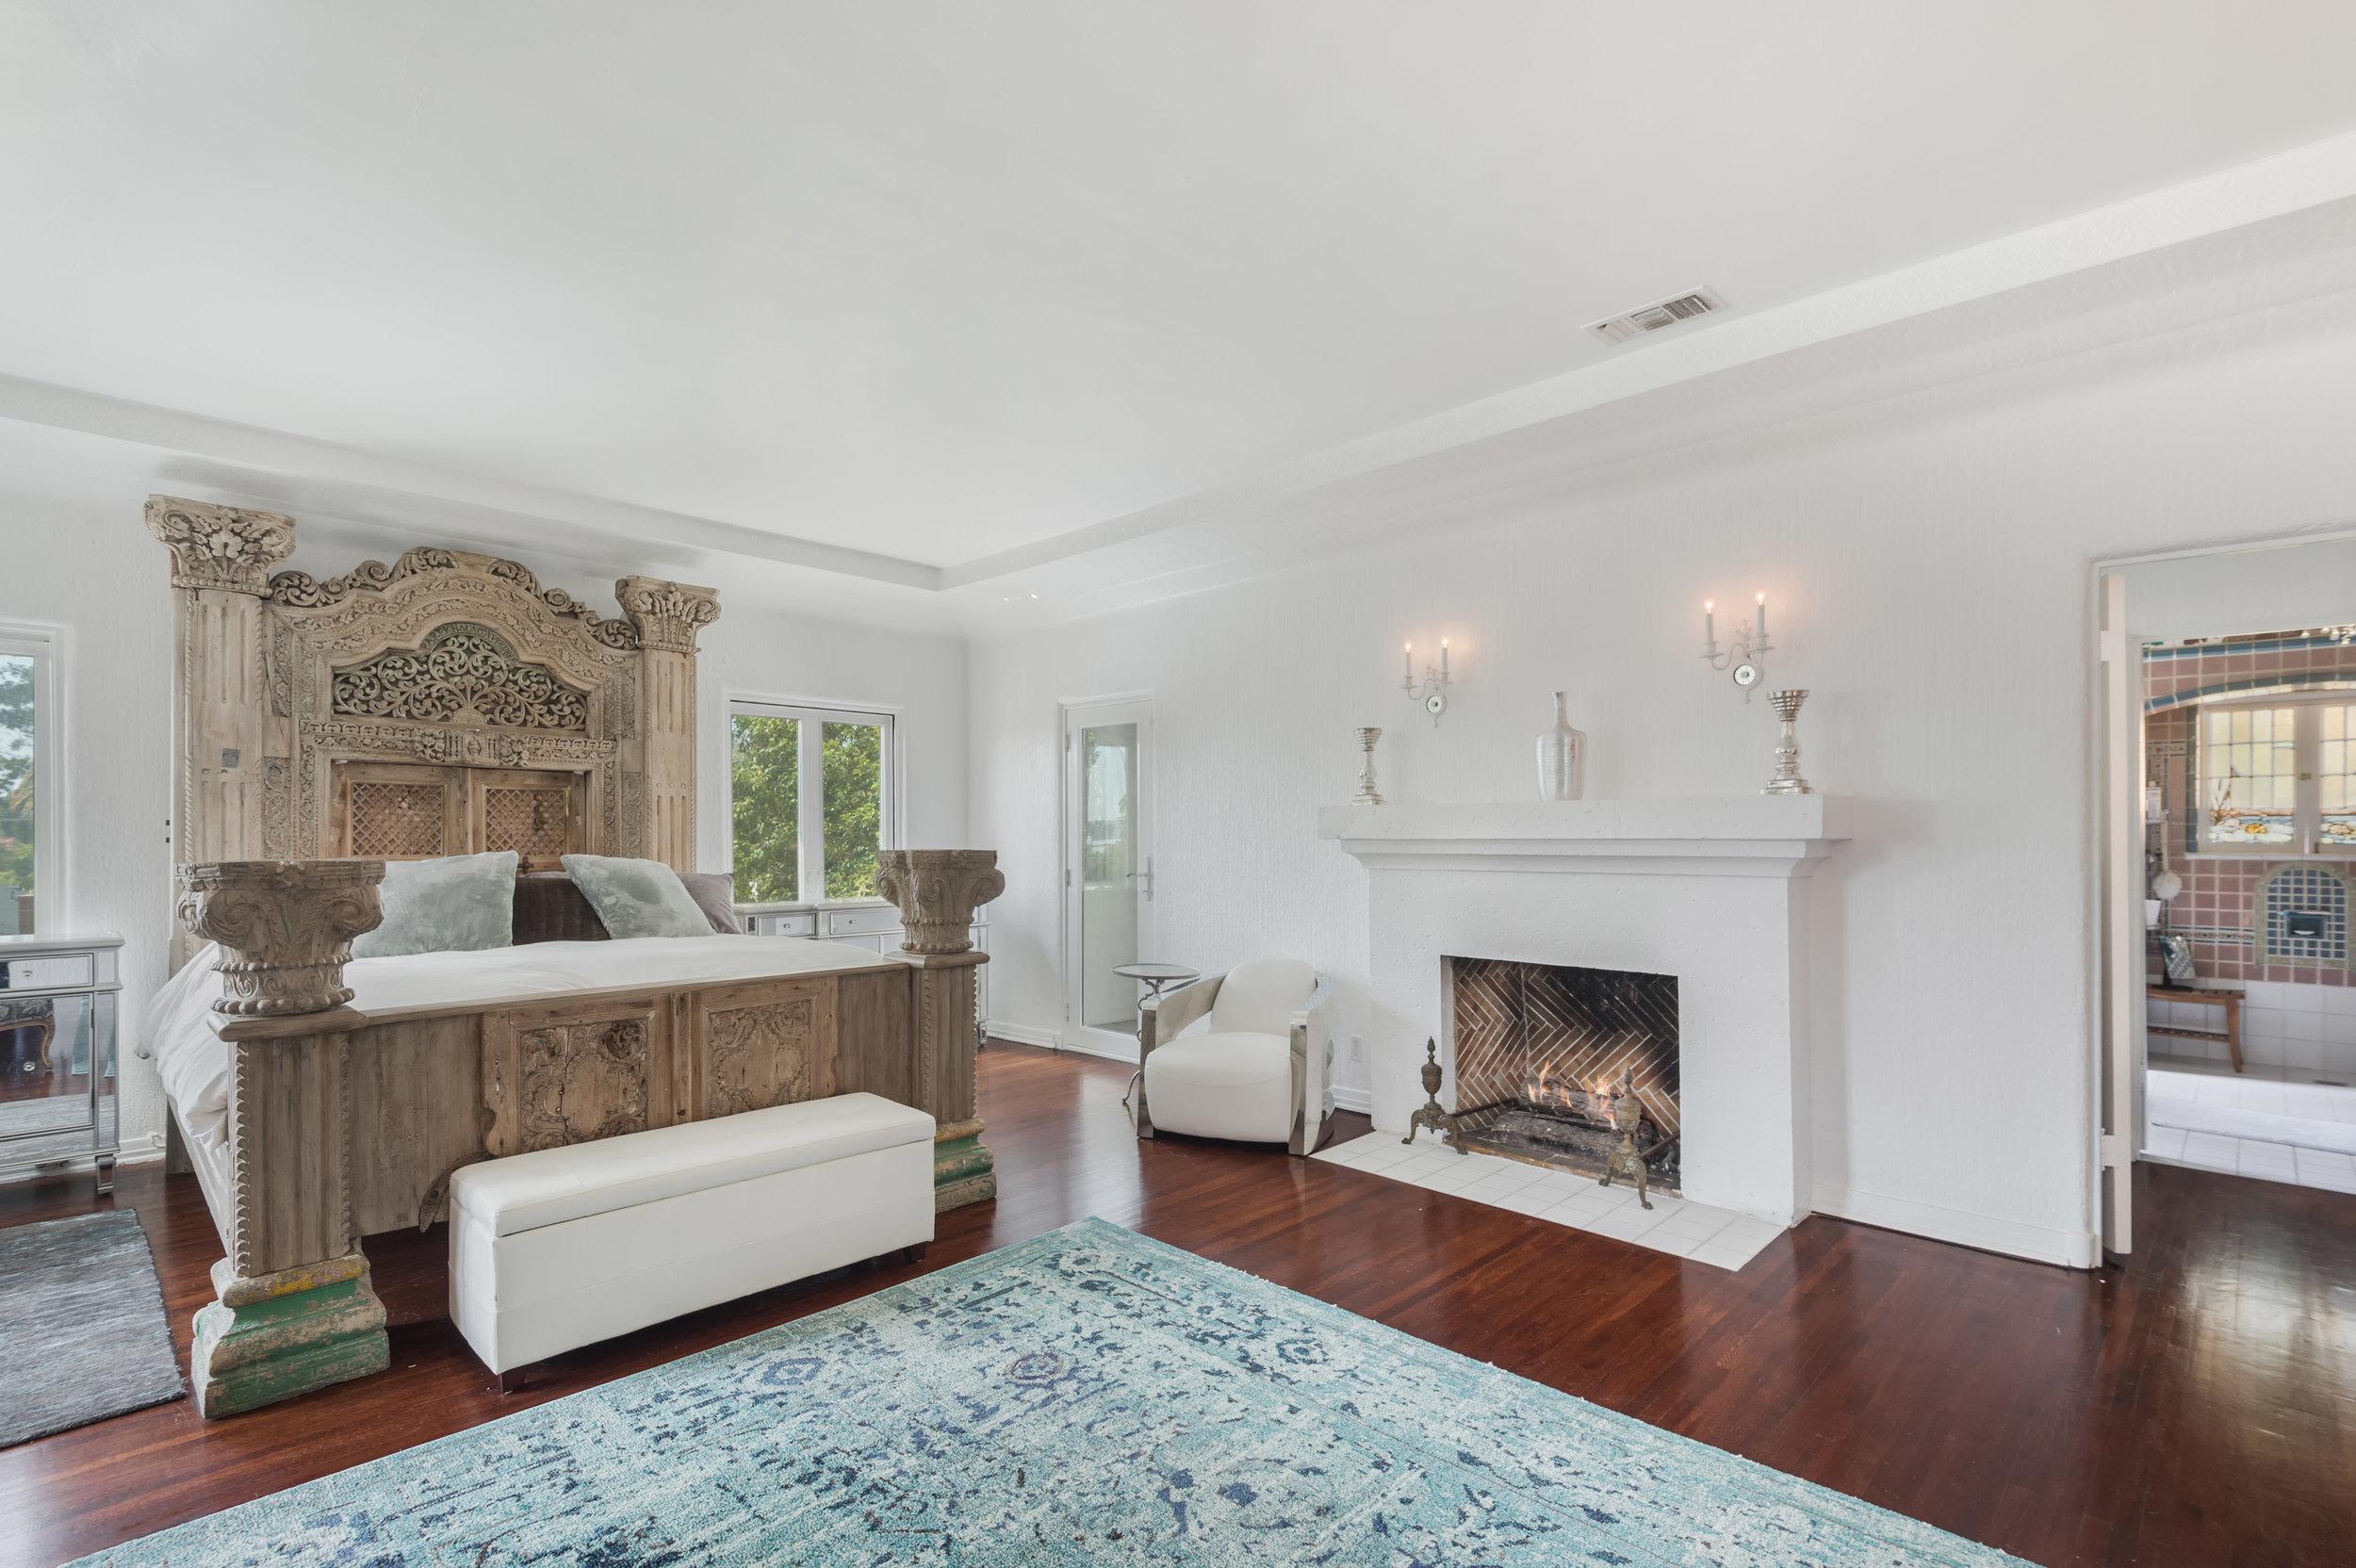 014 Master Bedroom 006 Pool 4915 Los Feliz For Sale Los Angeles Lease The Malibu Life Team Luxury Real Estate.jpg